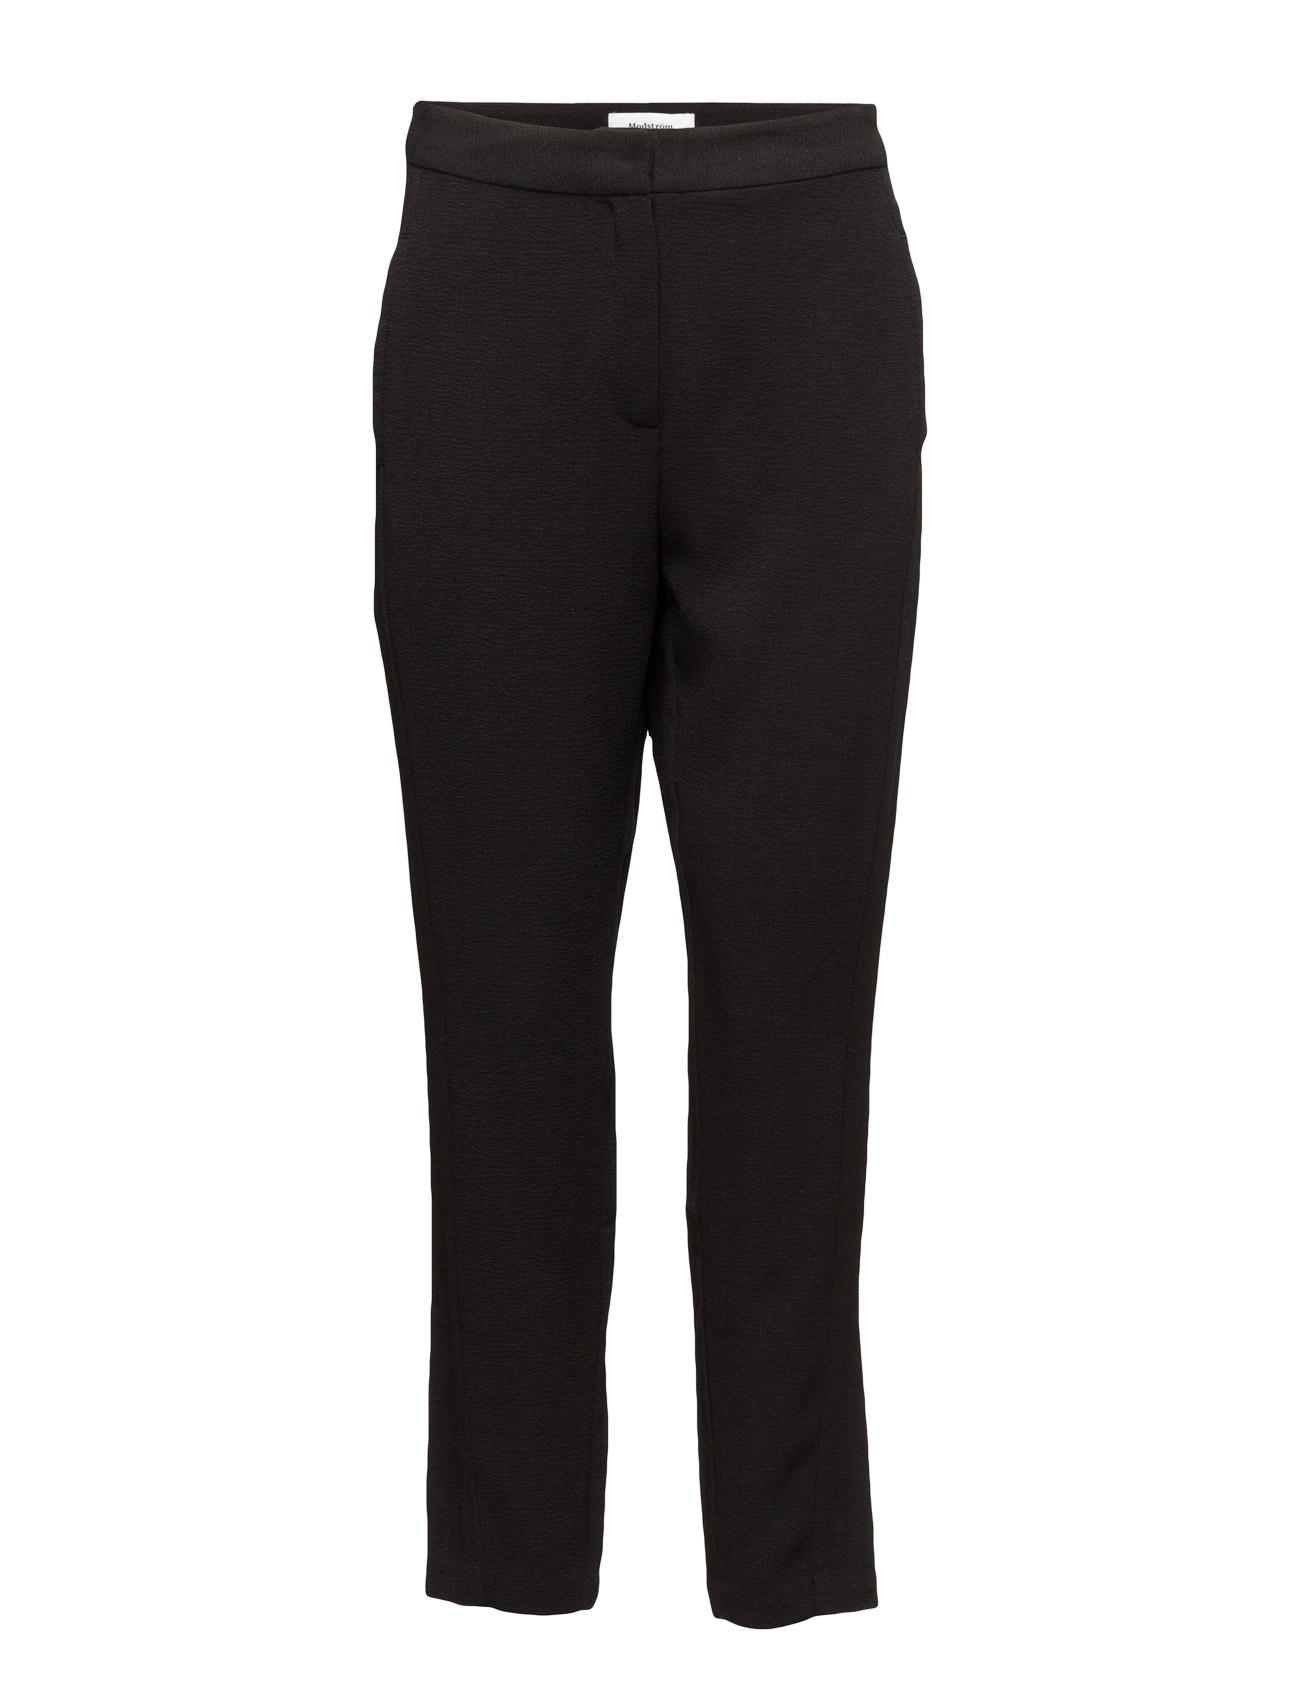 Nia Pants Modstrˆm Bukser til Damer i Sort